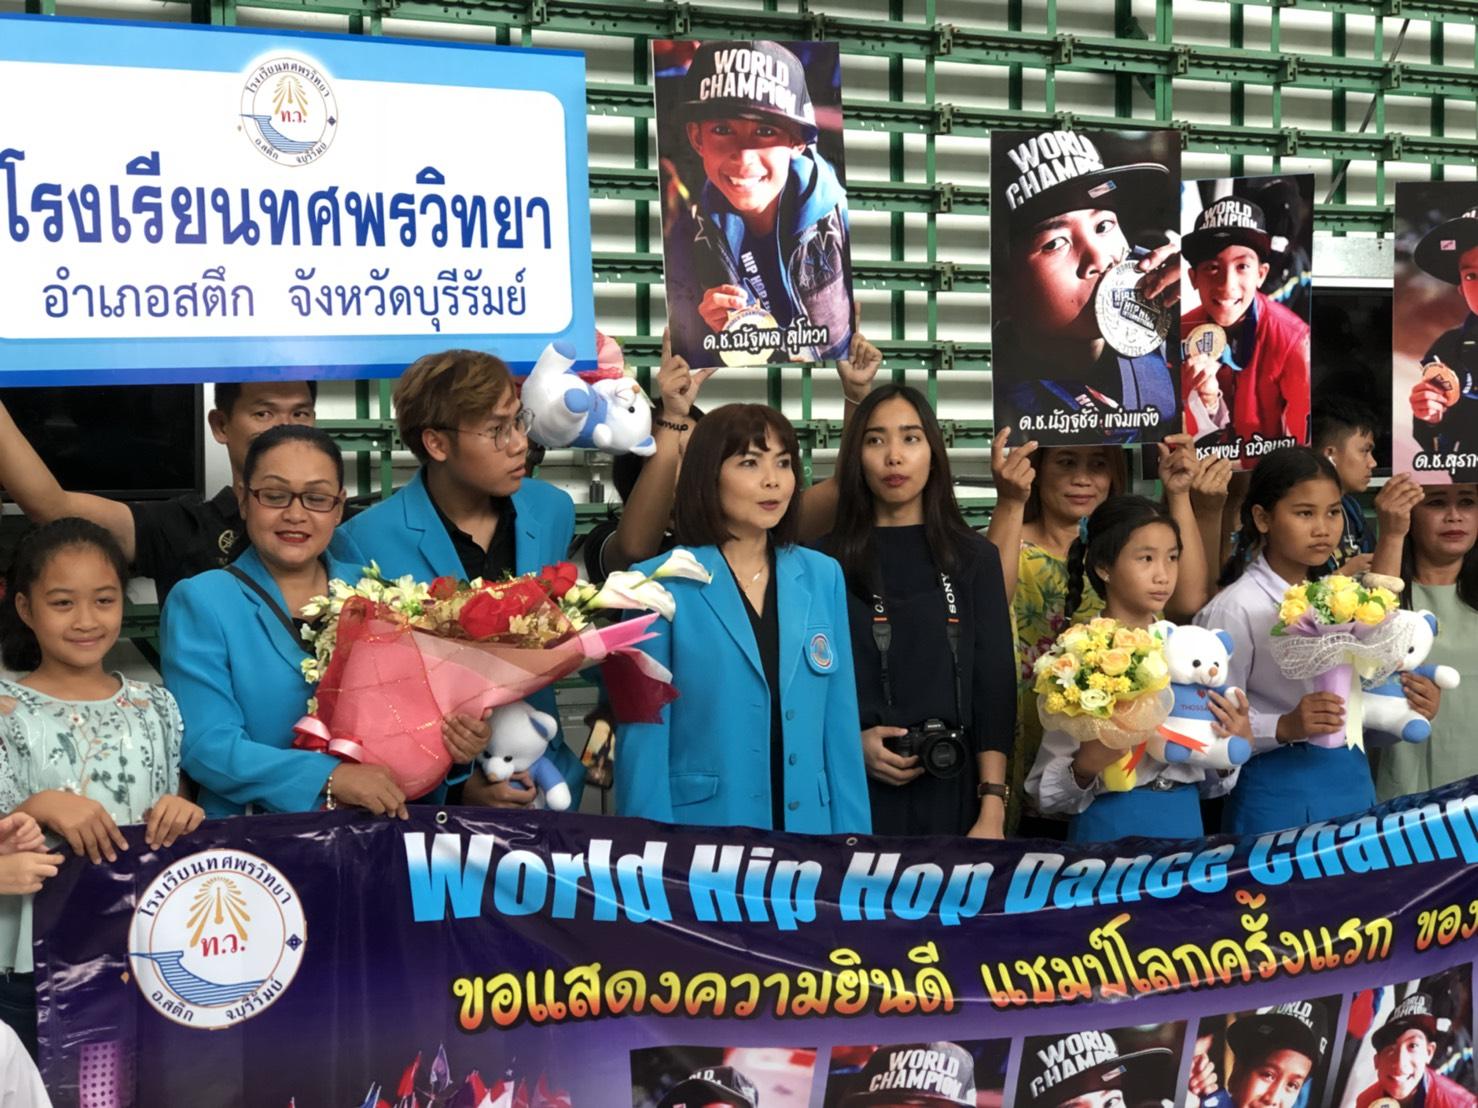 HHI THAILAND: ชัยชนะที่ยิ่งใหญ่ เปิดใจ 5 หนูน้อยบุรีรัมย์คว้าแชมป์โลกเต้น Hip Hop กลับเมืองไทย